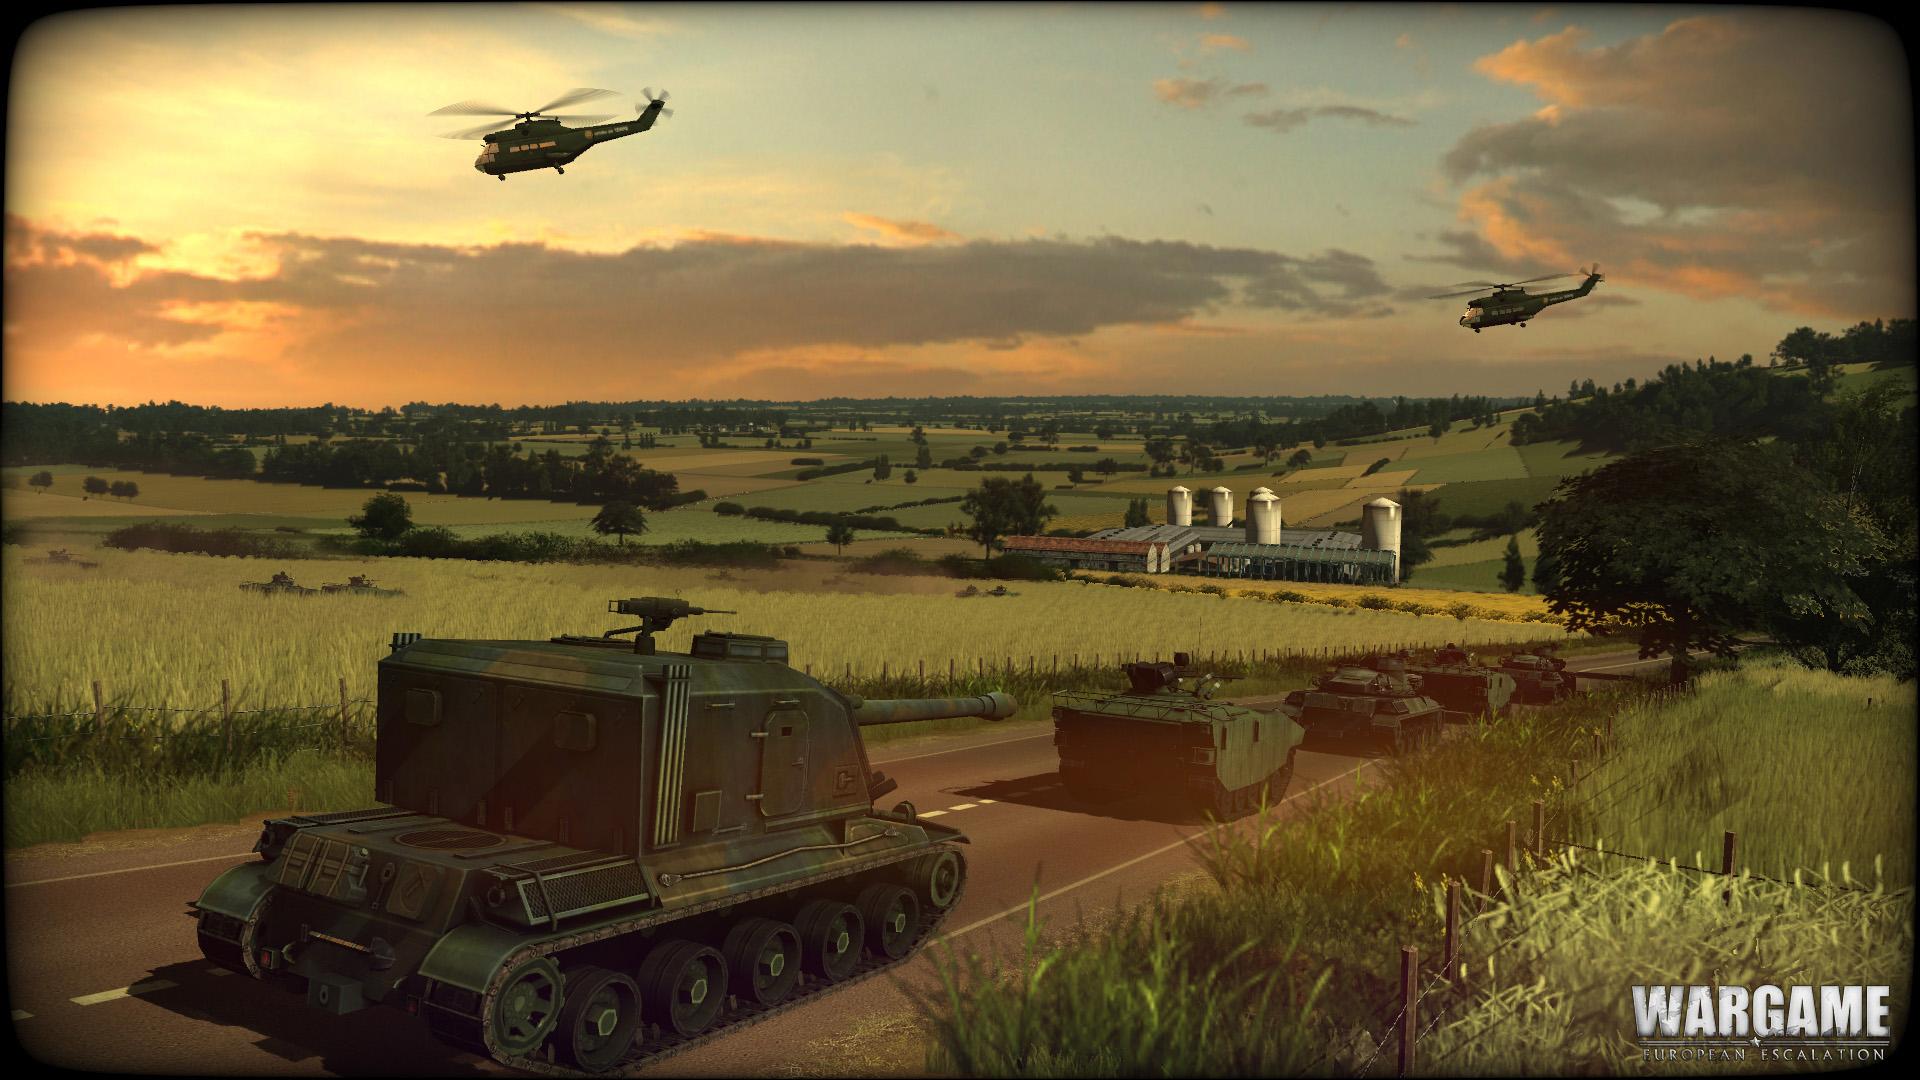 Československé jednotky se připravují na válku ve Wargame 60409